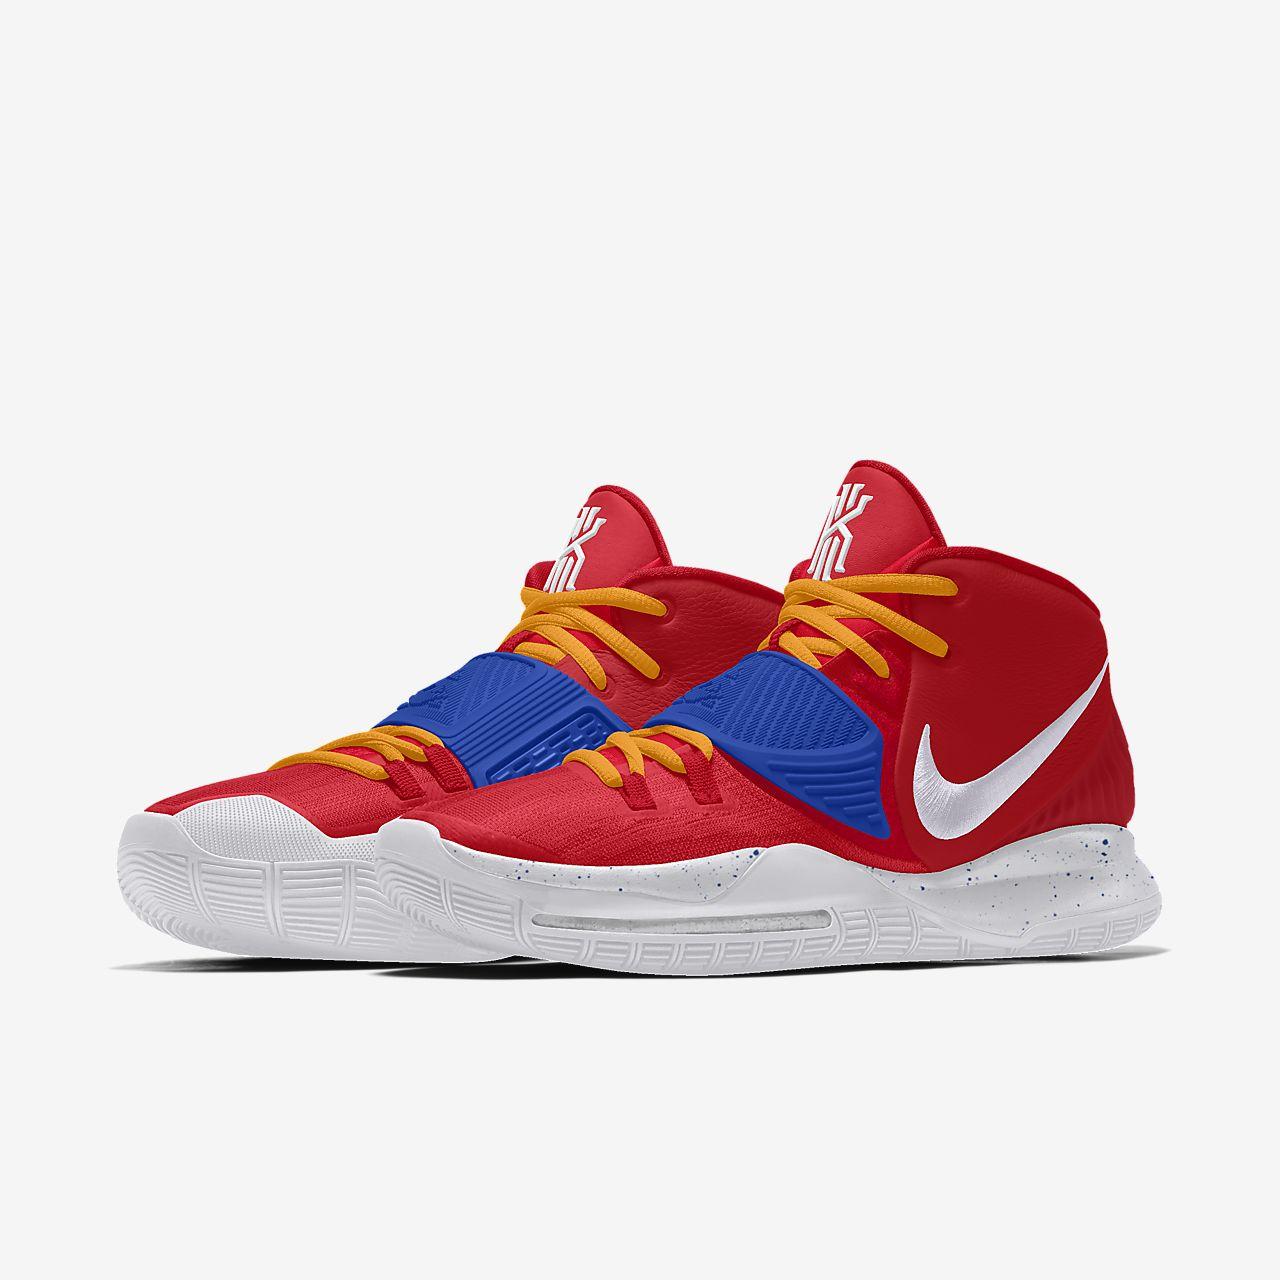 Custom Basketball Shoe.Online store